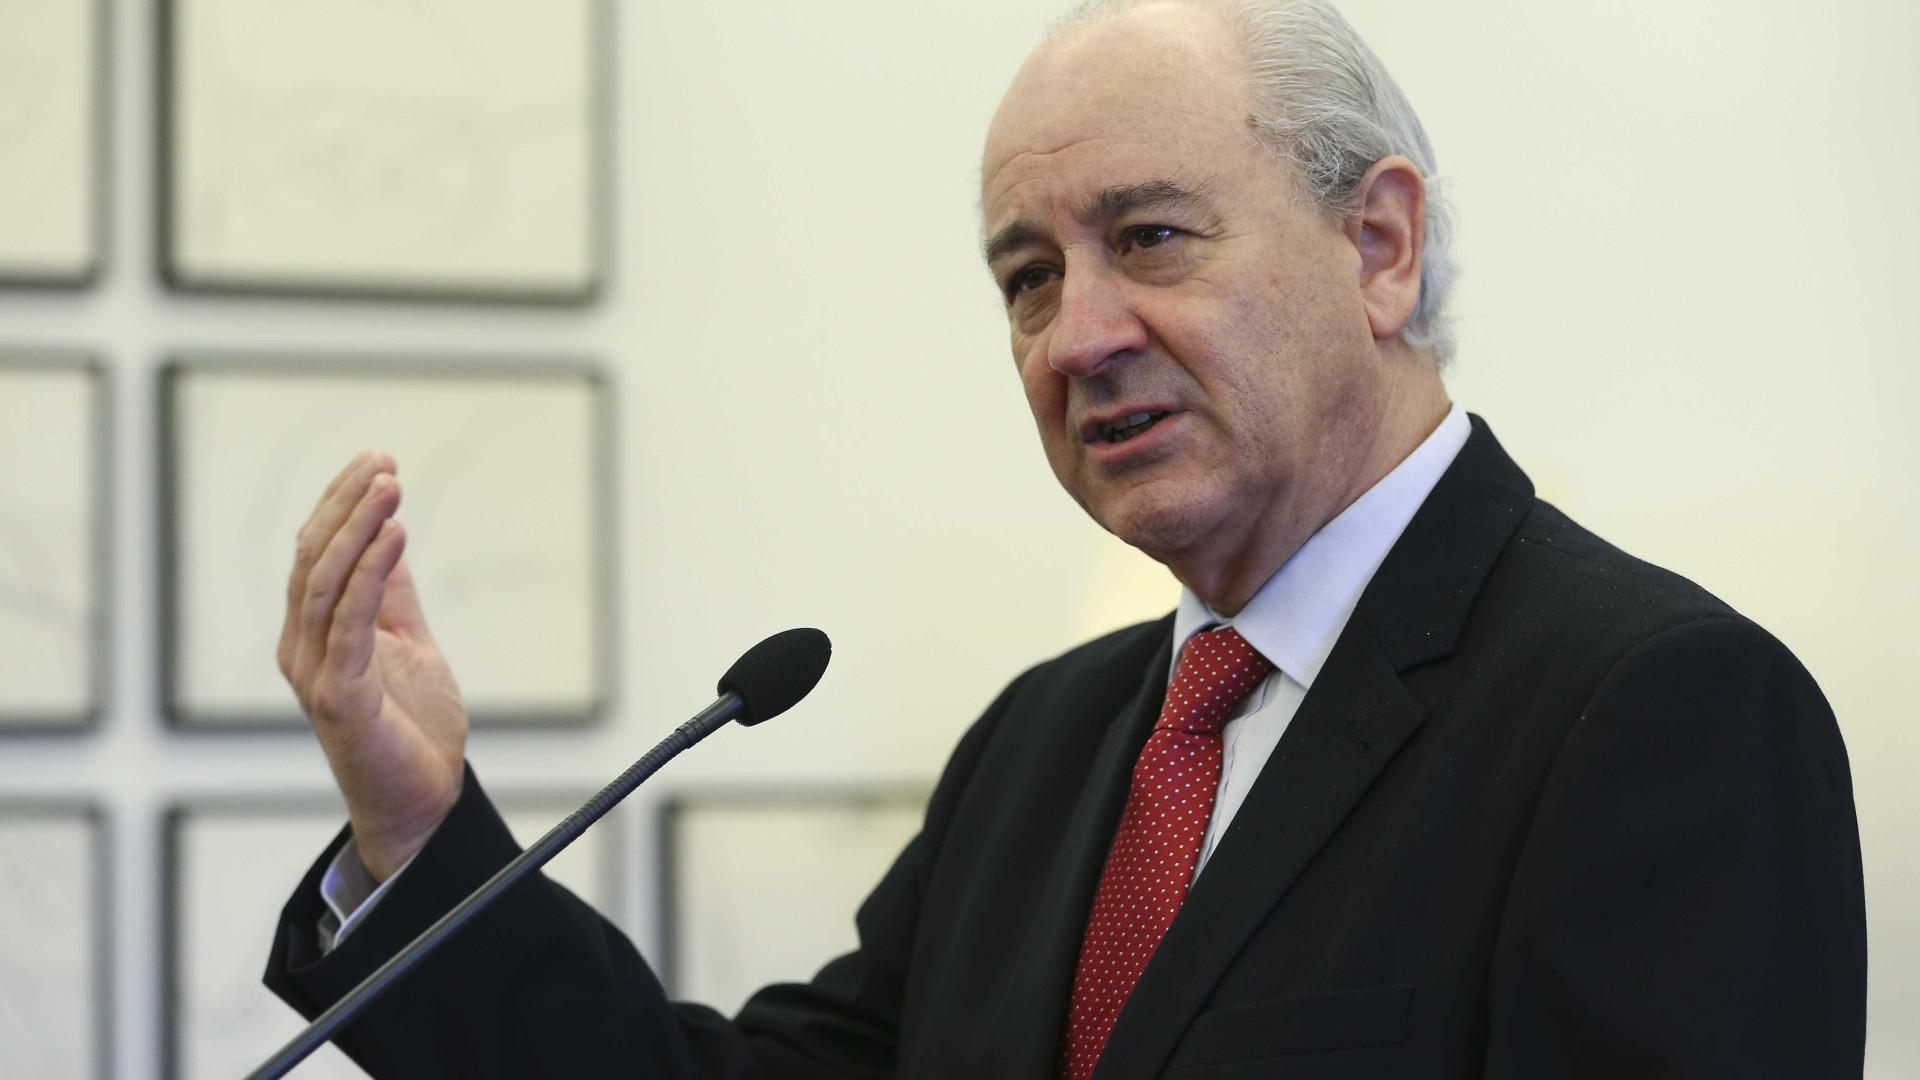 Rio adverte que violações do segredo de Justiça ameaçam democracia